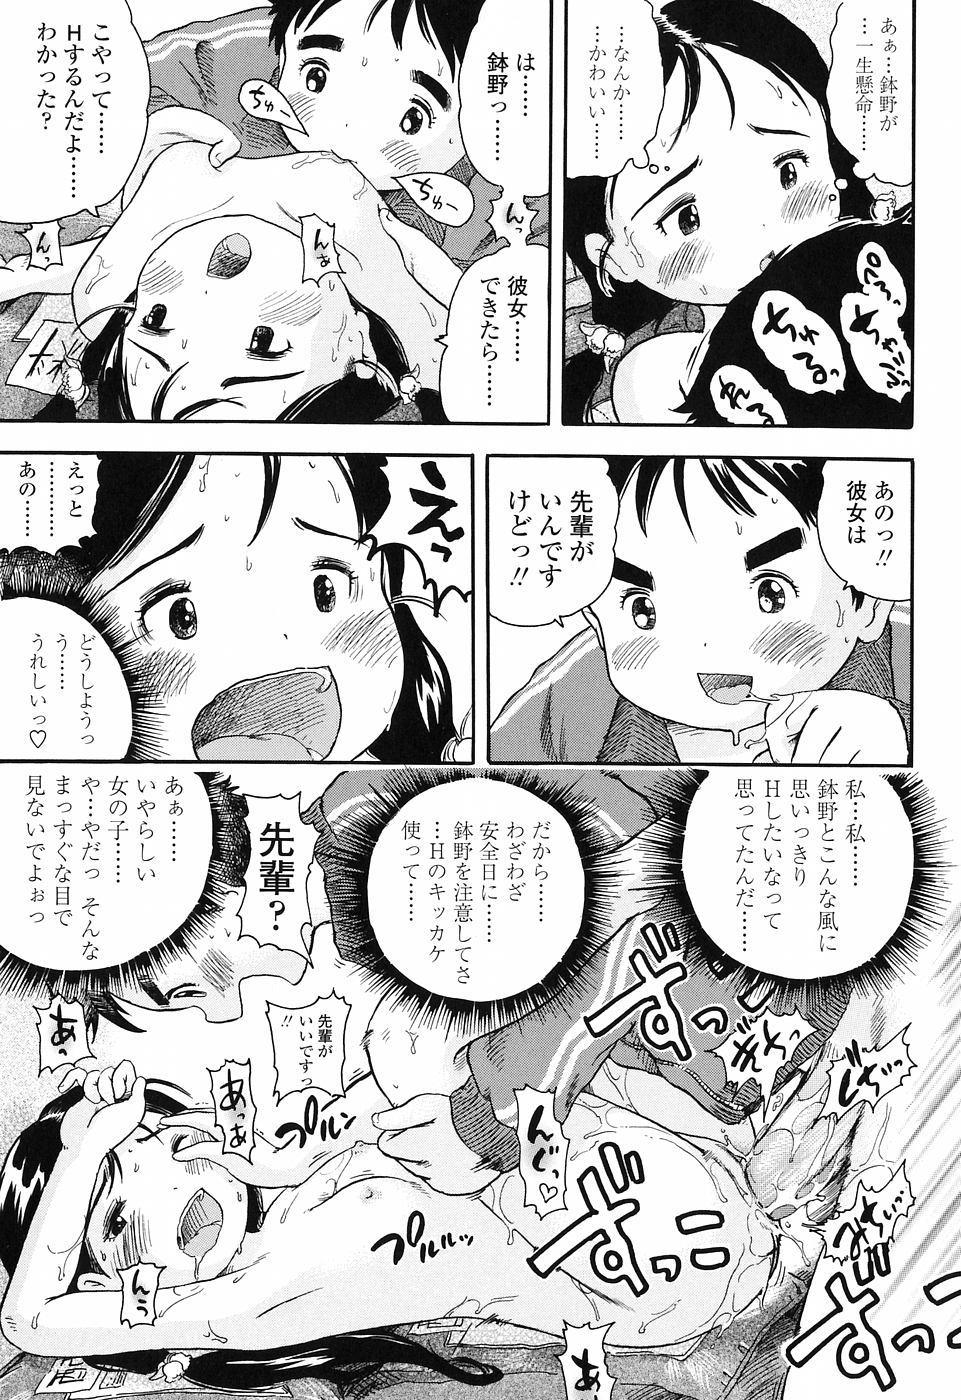 Koisuru Fukurami 174